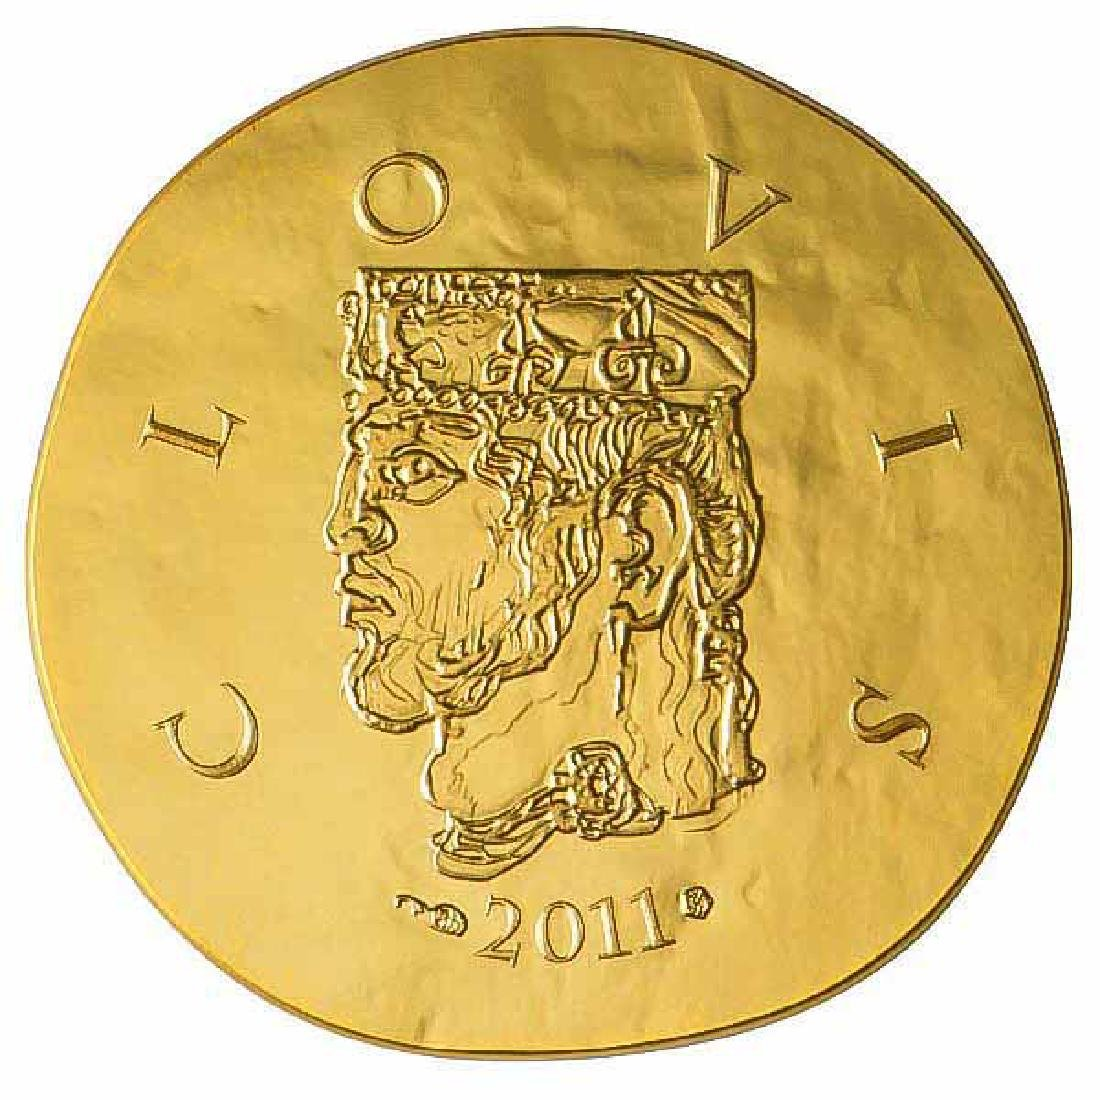 France 2011 1/4 oz Proof Gold